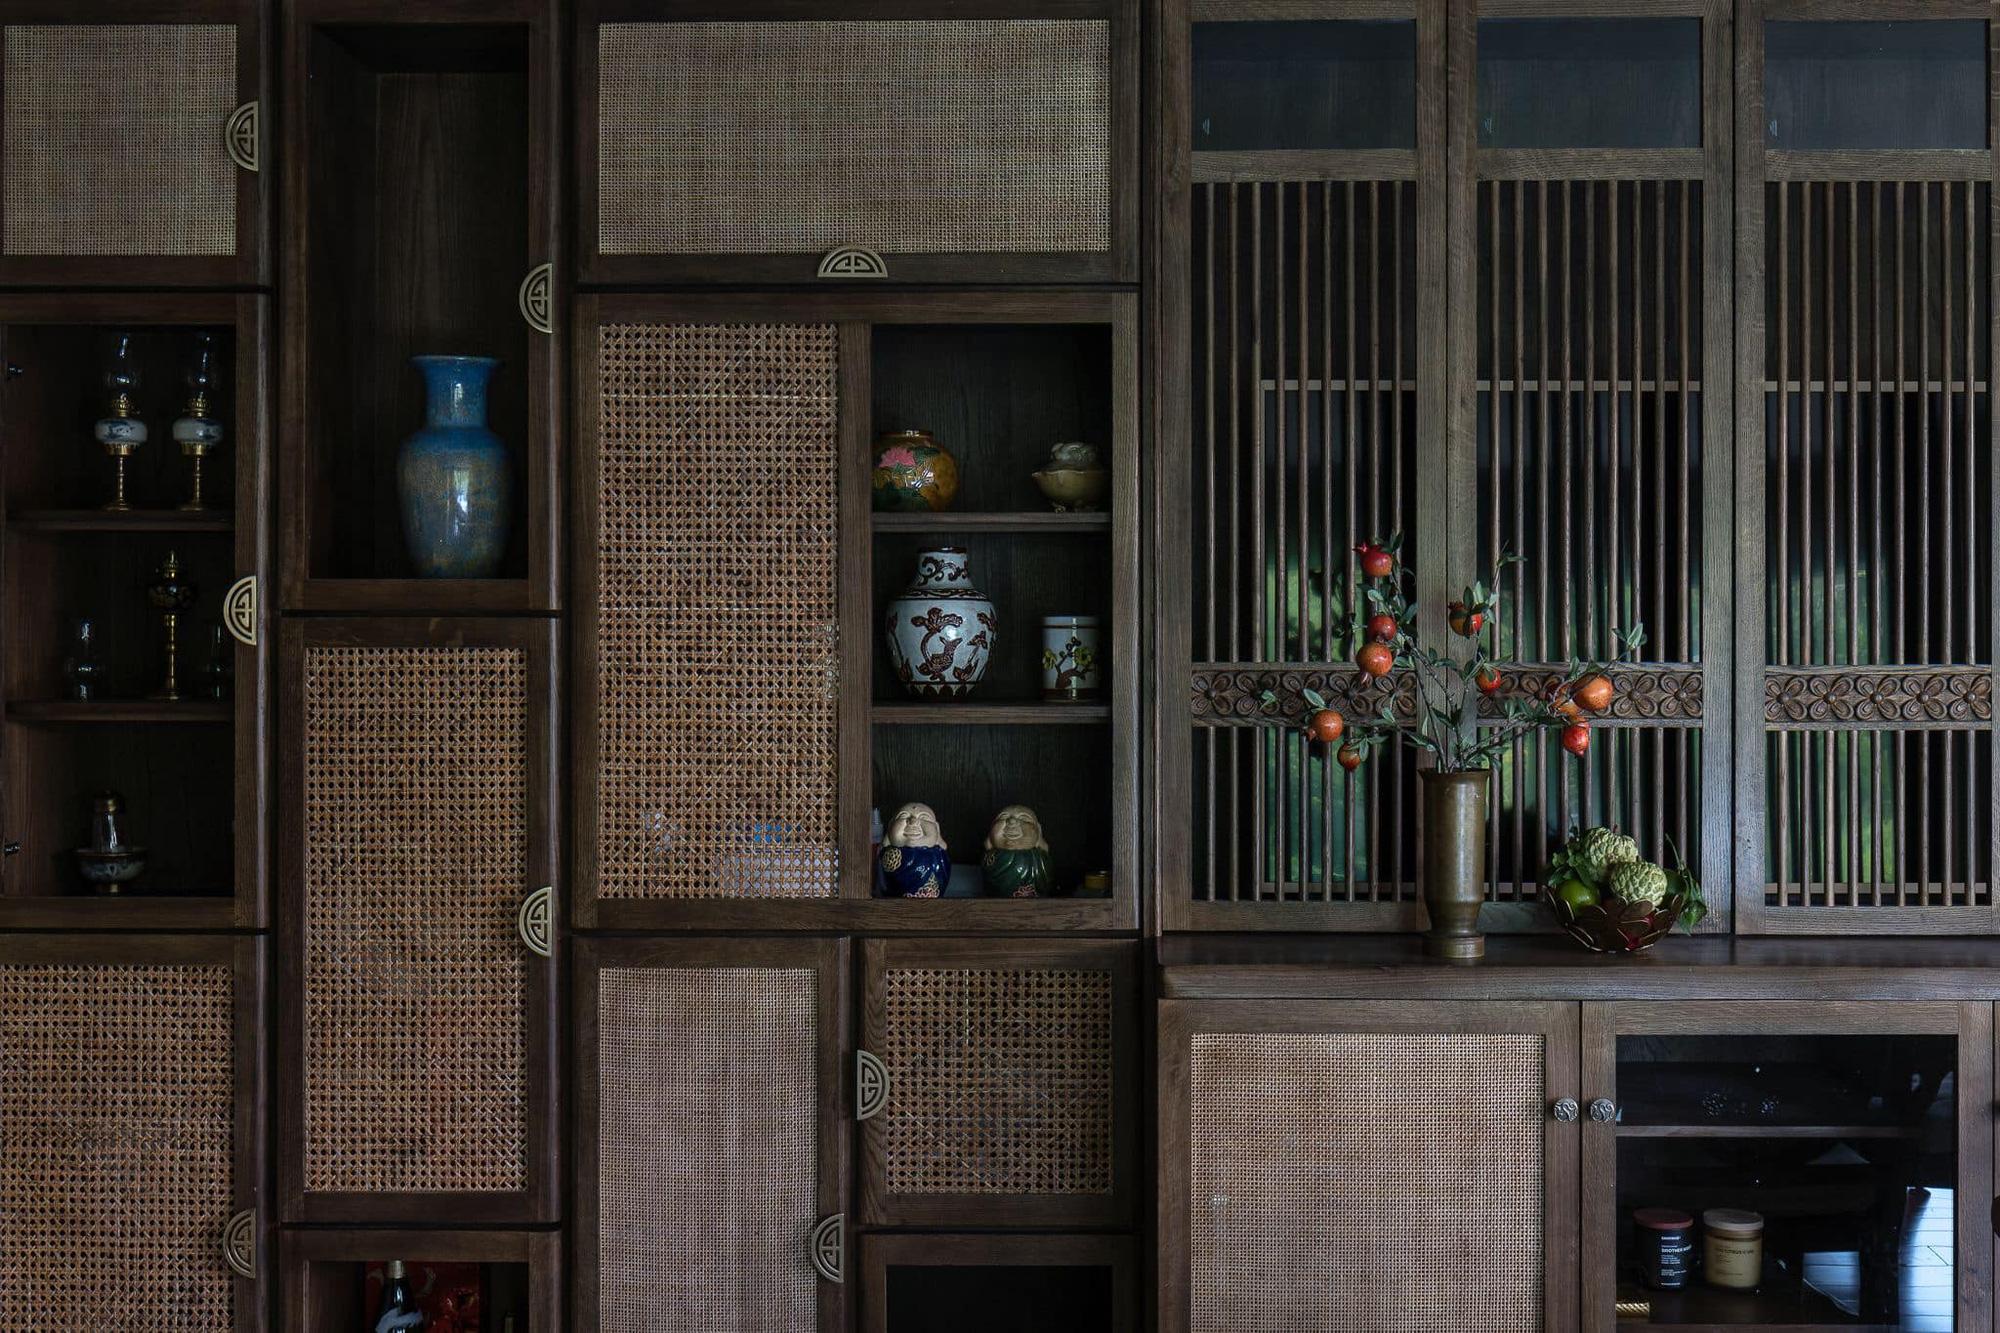 Ngôi nhà 400m2 tại Thảo Điền - Quận 2 được thiết kế từ ngôi biệt thự cổ, không gian thiên nhiên mê đắm lòng người - Ảnh 8.